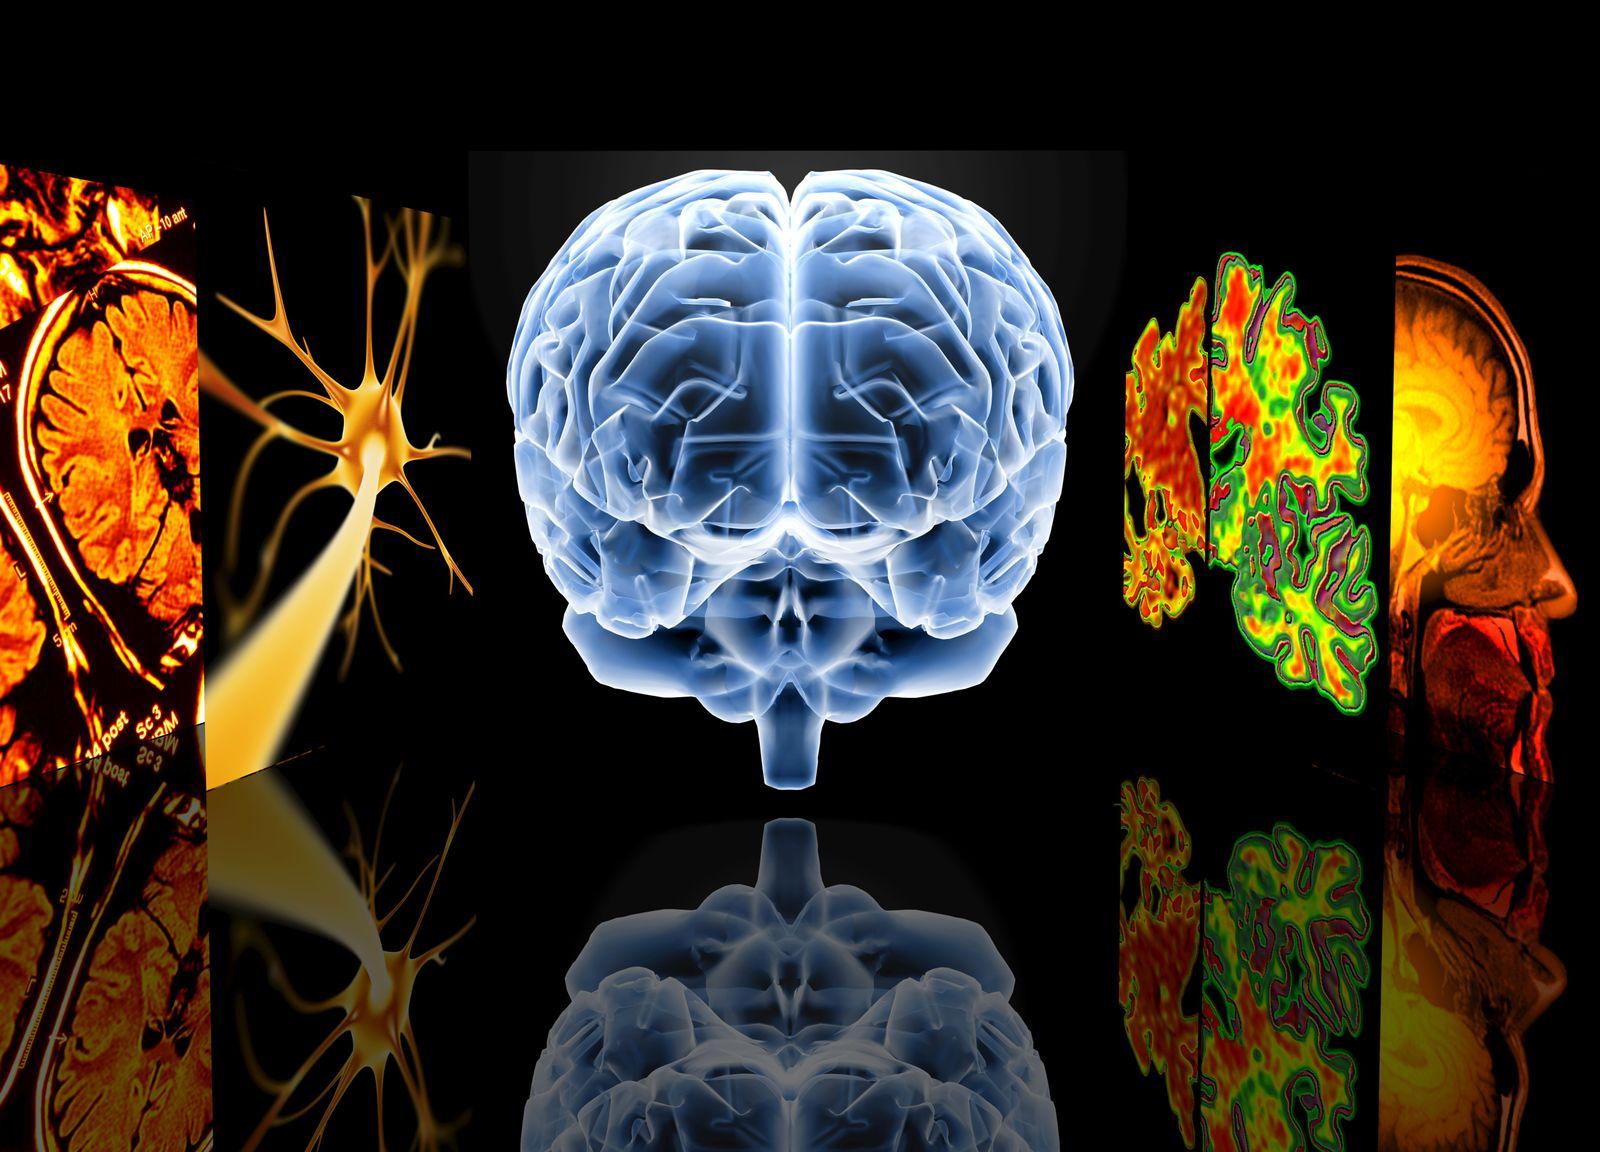 NICHT MEHR VERWENDEN! - Gehirn / Forschung / Alzheimer